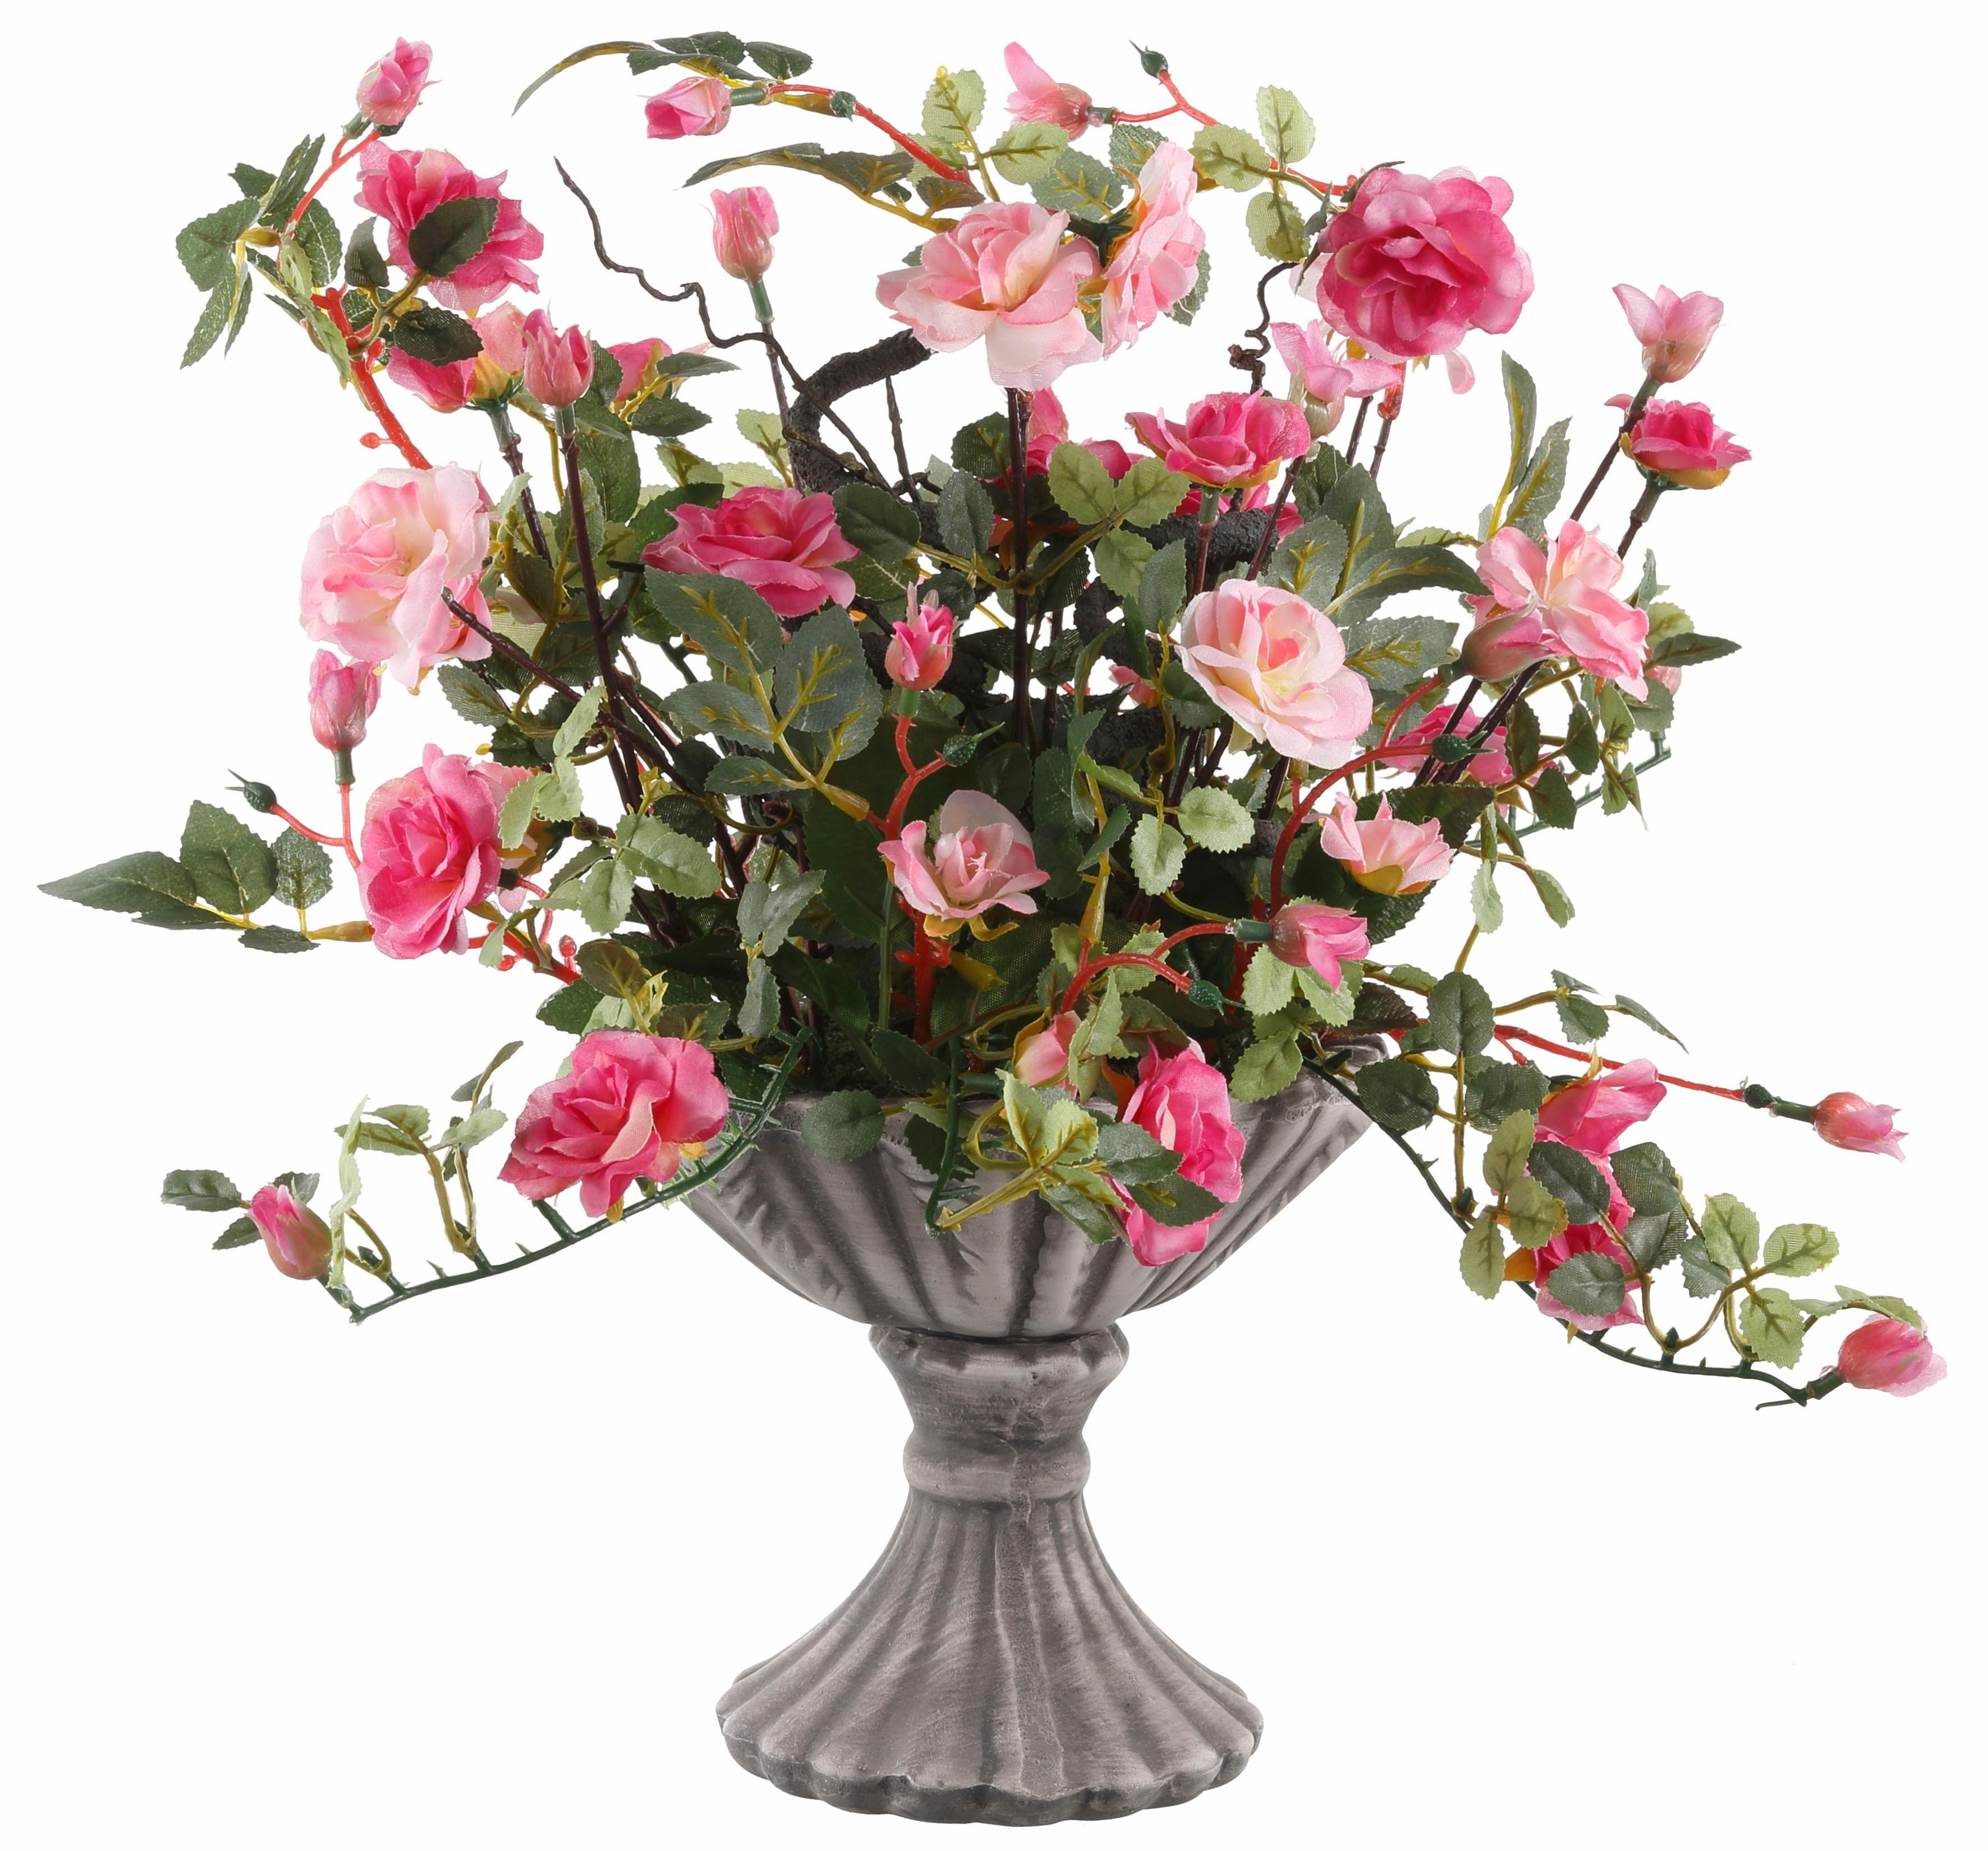 HOME AFFAIRE Kunstbloemen Wilde rozen in de online shop | OTTO